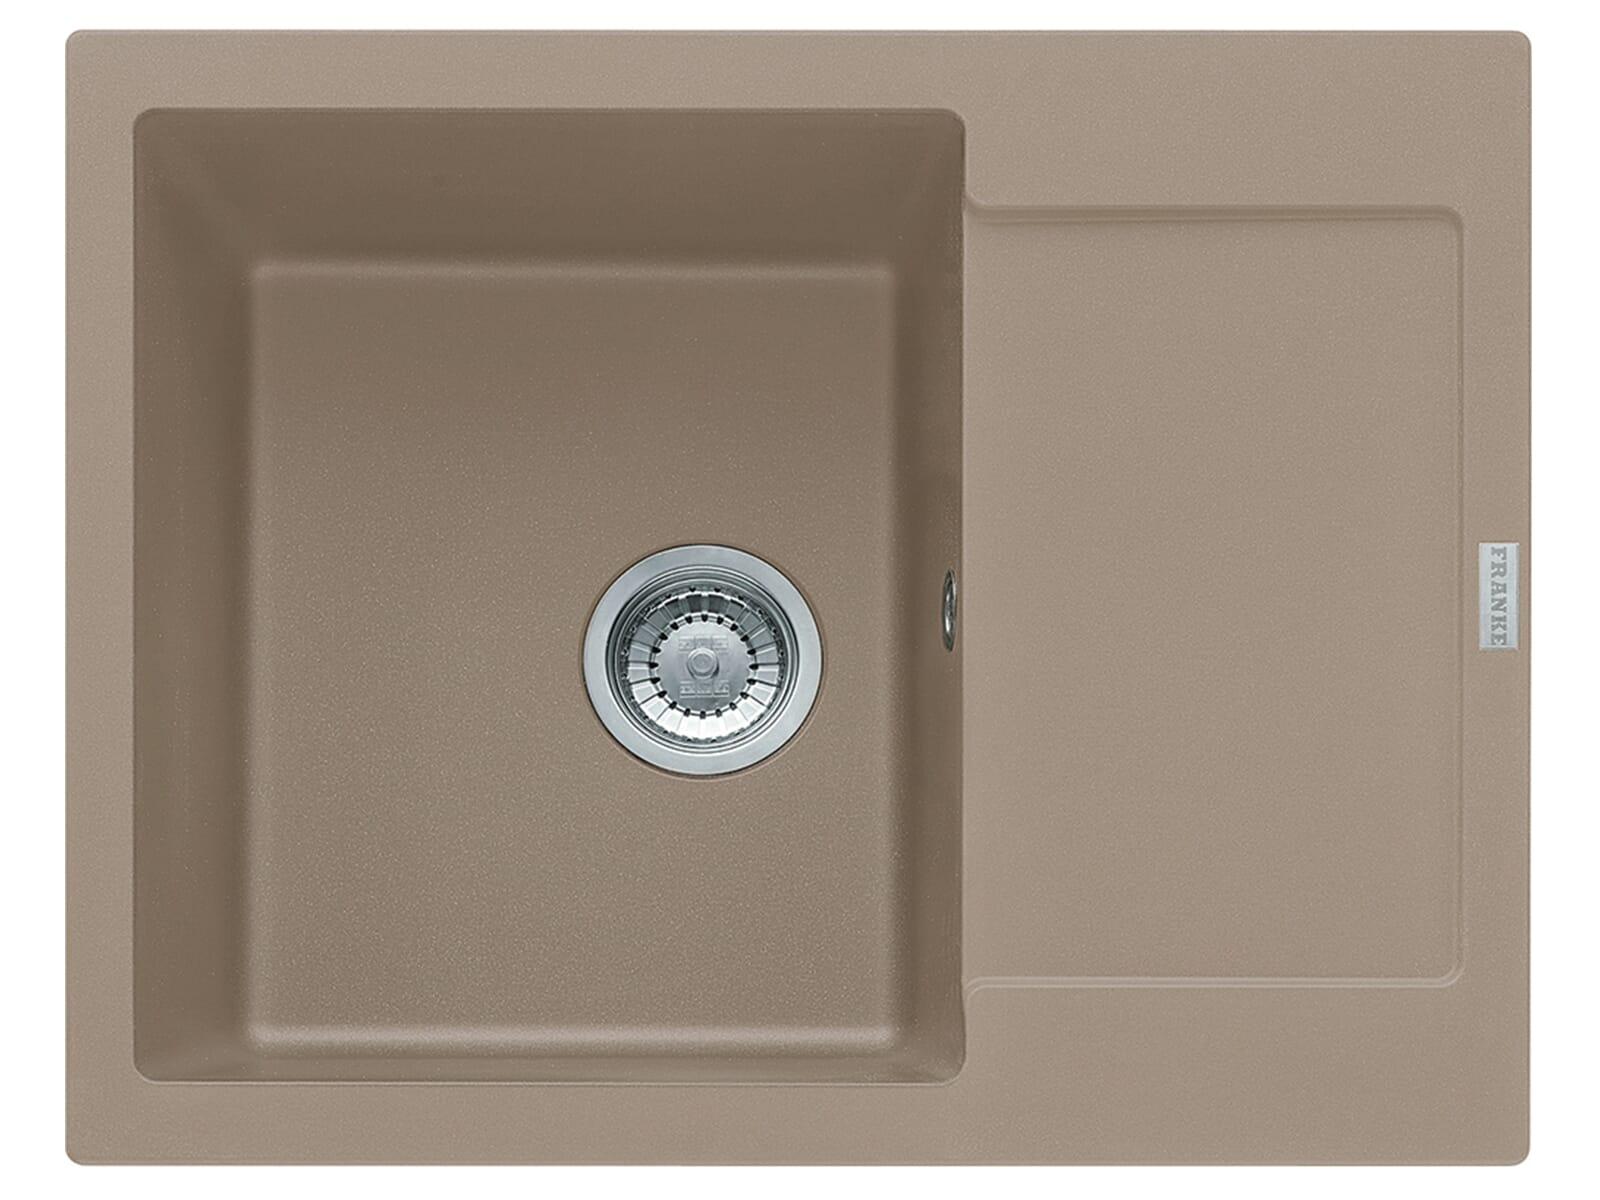 Franke Maris MRG 611-62 Cashmere - 114.0477.508 Granitspüle Exzenterbetätigung